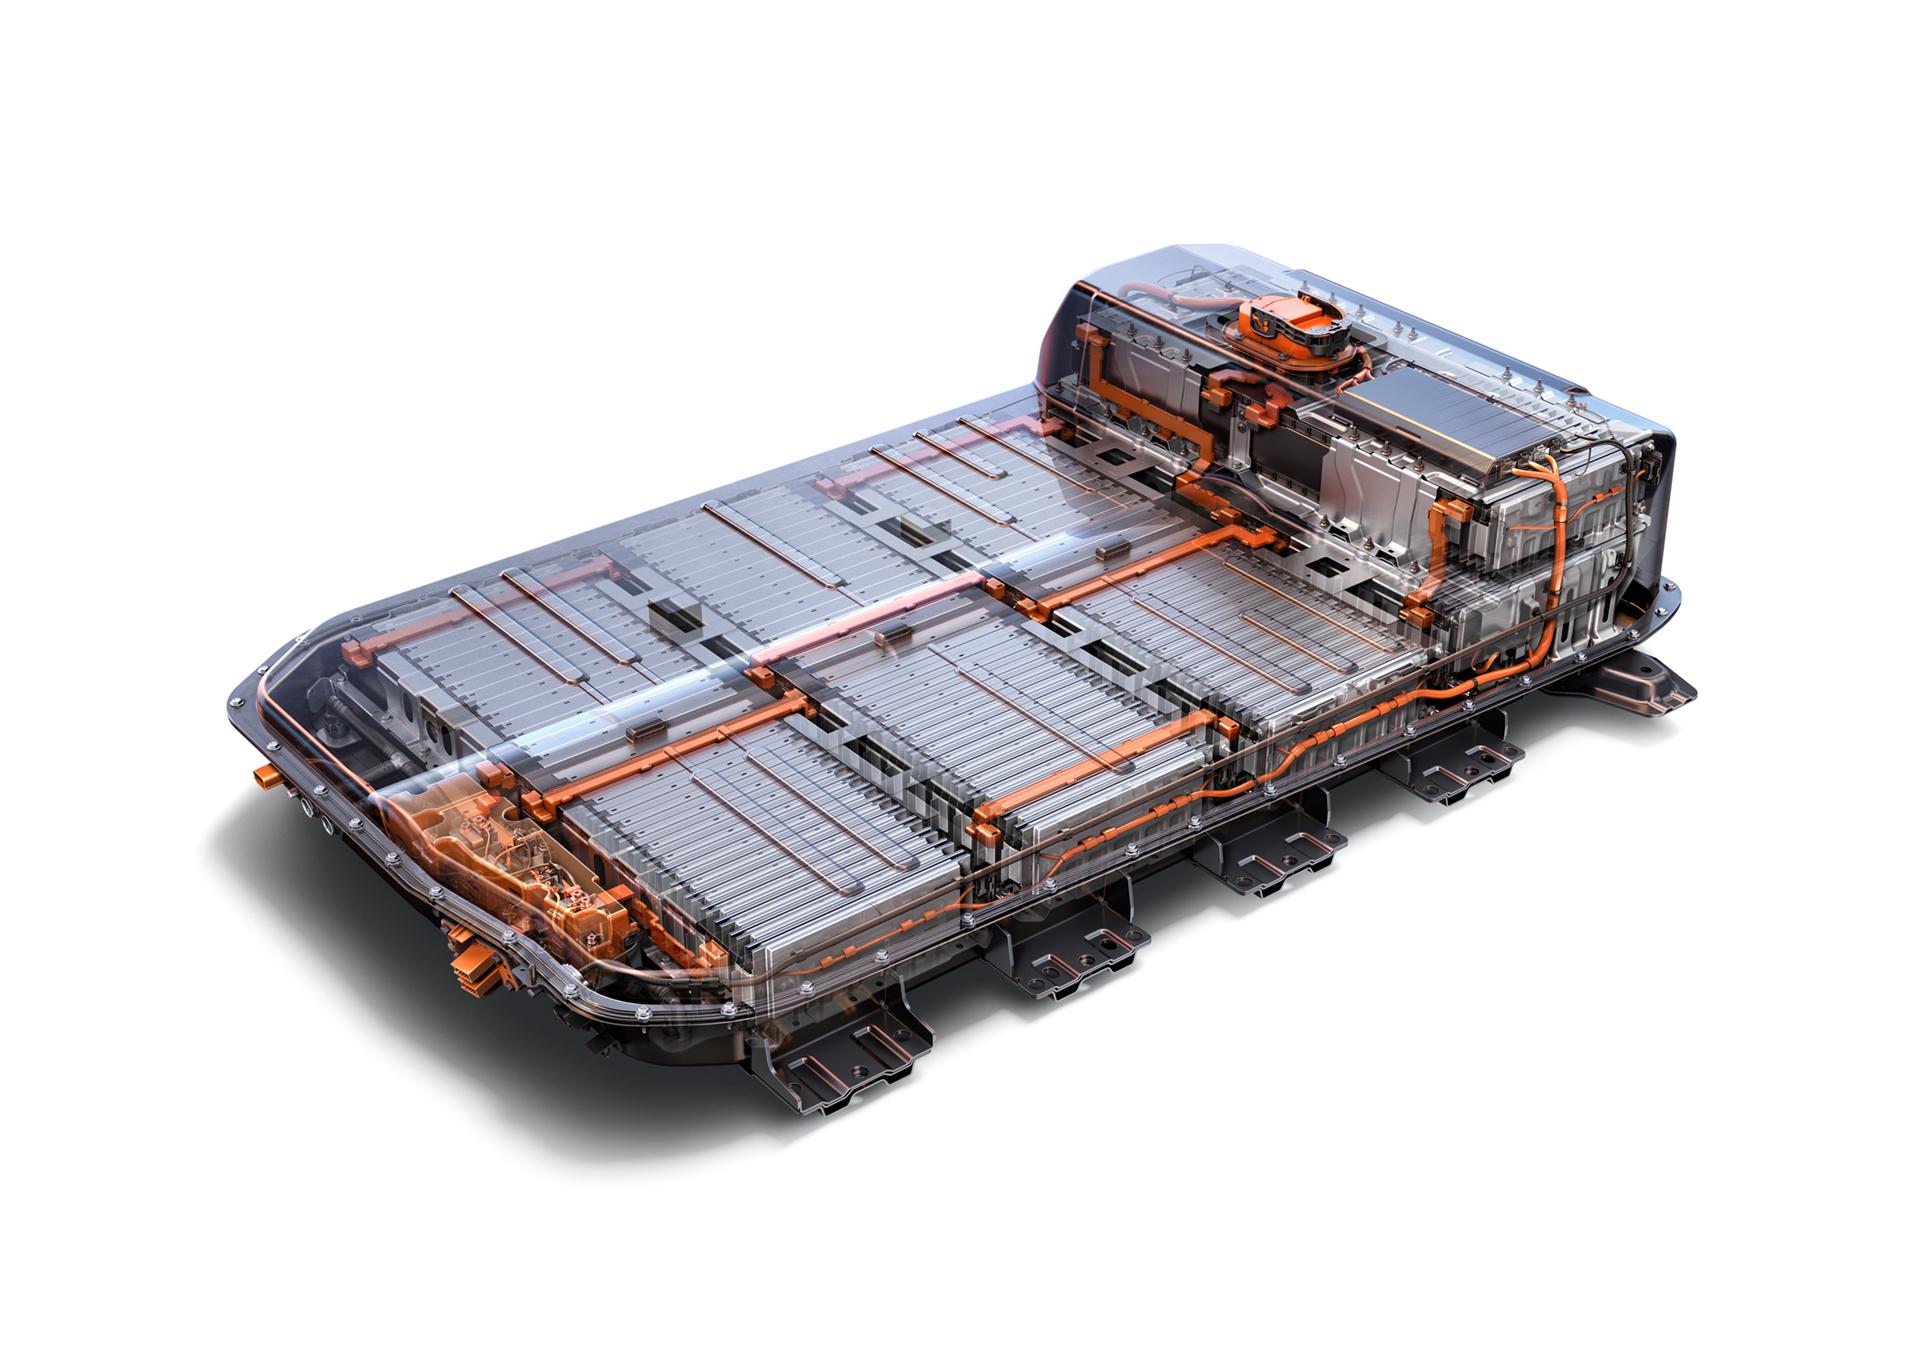 Chevrolet Bolt EV - 2016 - battery system - General Motors